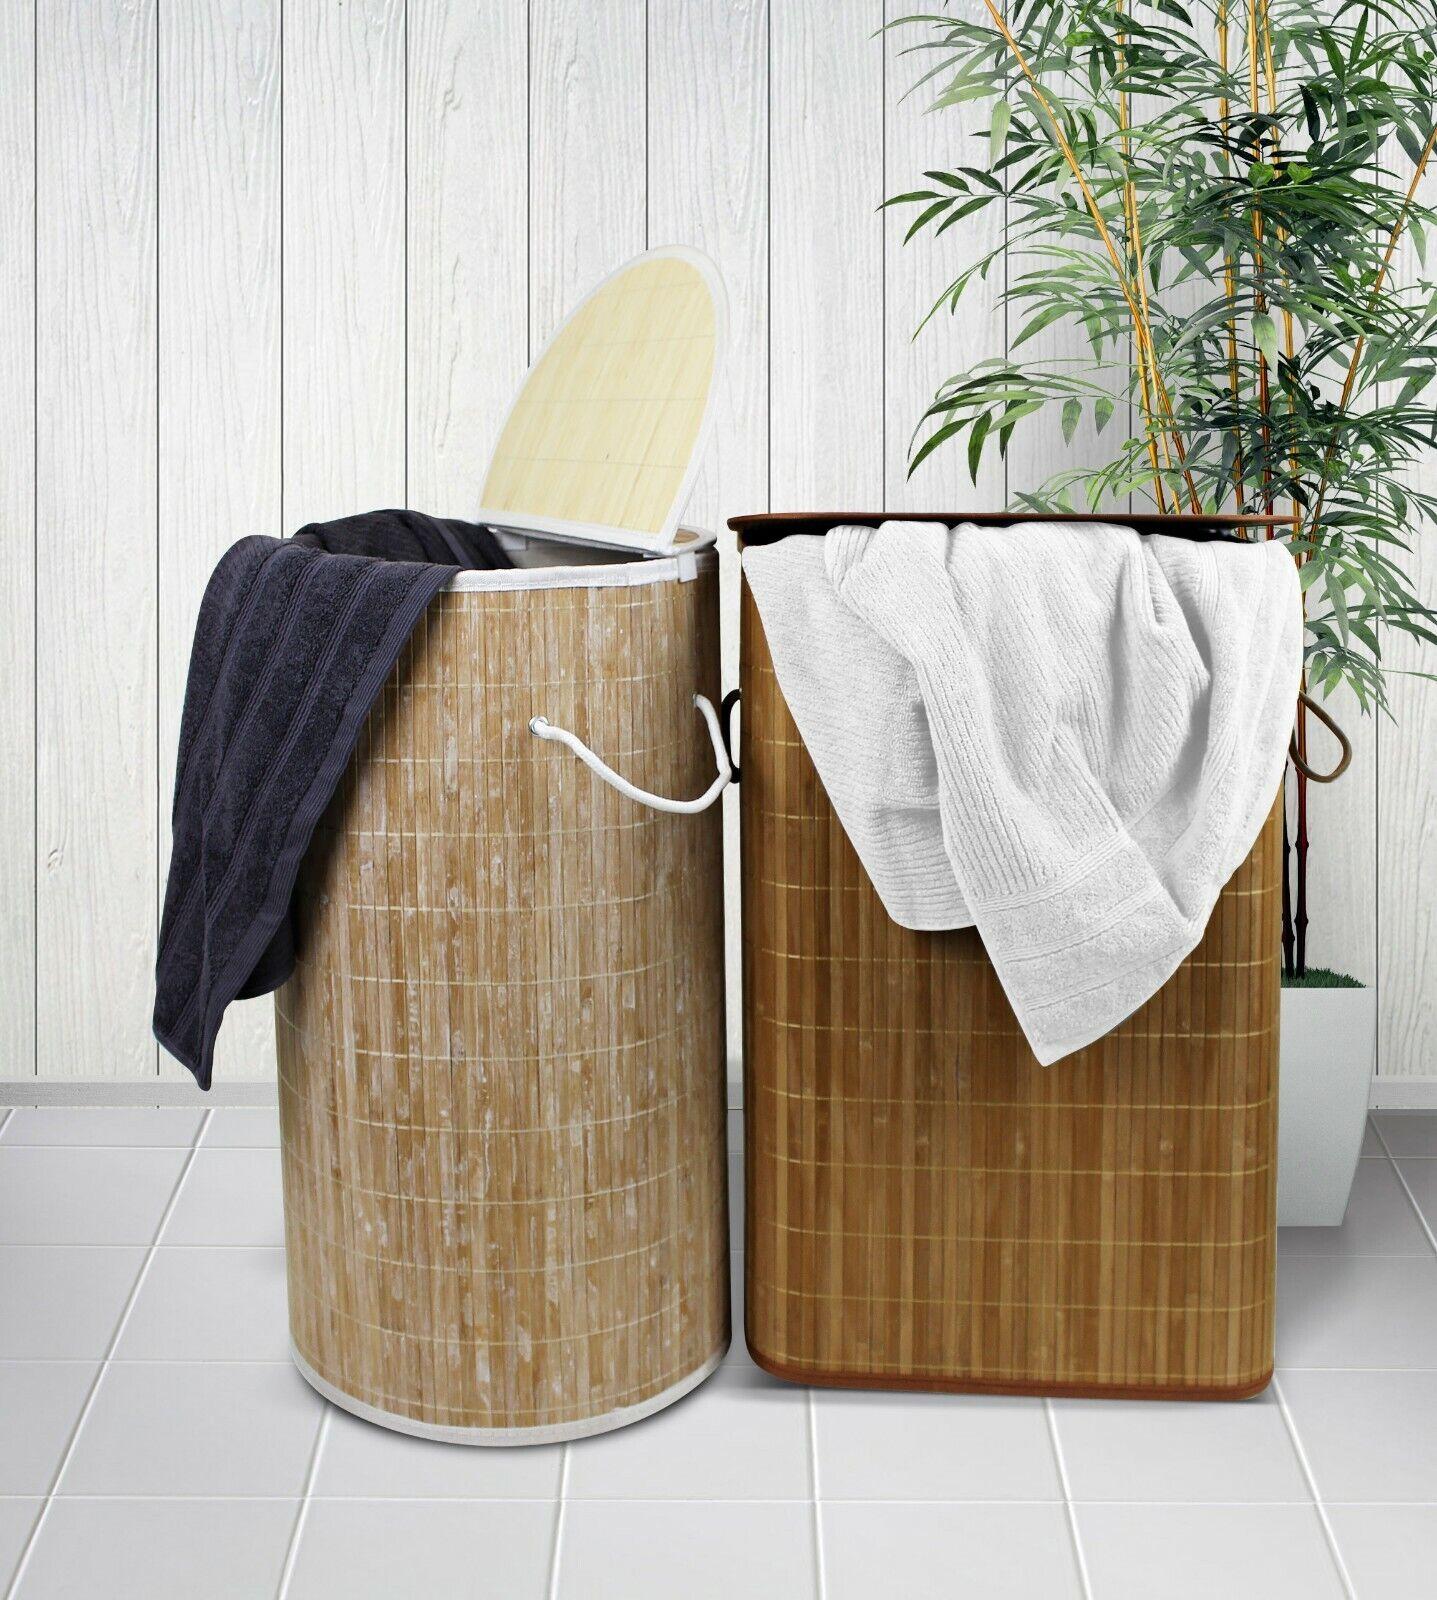 washed bamboo bobo style rectangle laundry basket